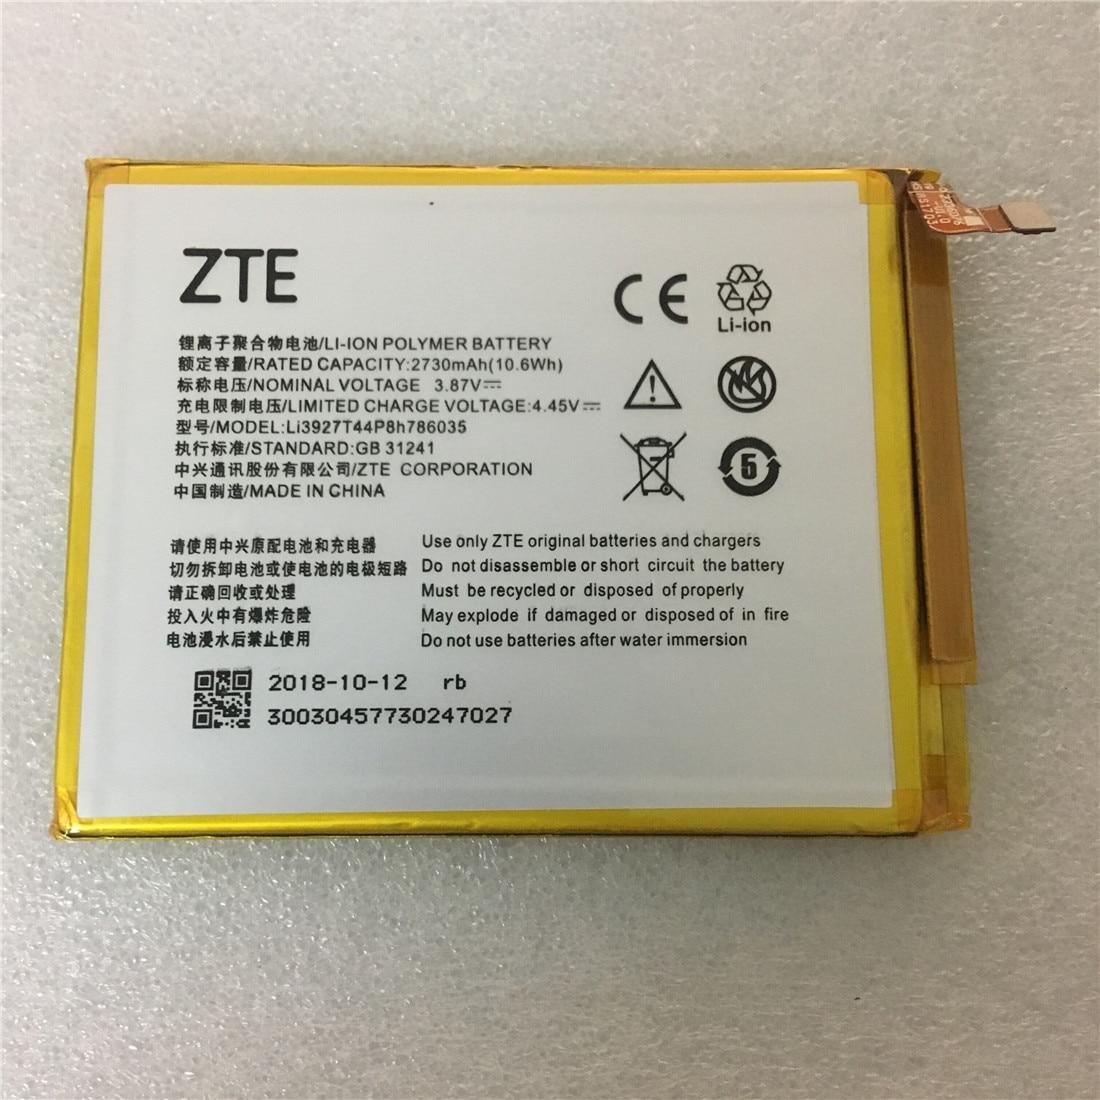 3.87V 2730mAh Li3927T44P8h786035 For ZTE Blade V8 / V0800 / BV0800 / V7 / V7Plus / V770 / Xiaoxian 4 / BV0701 Battery